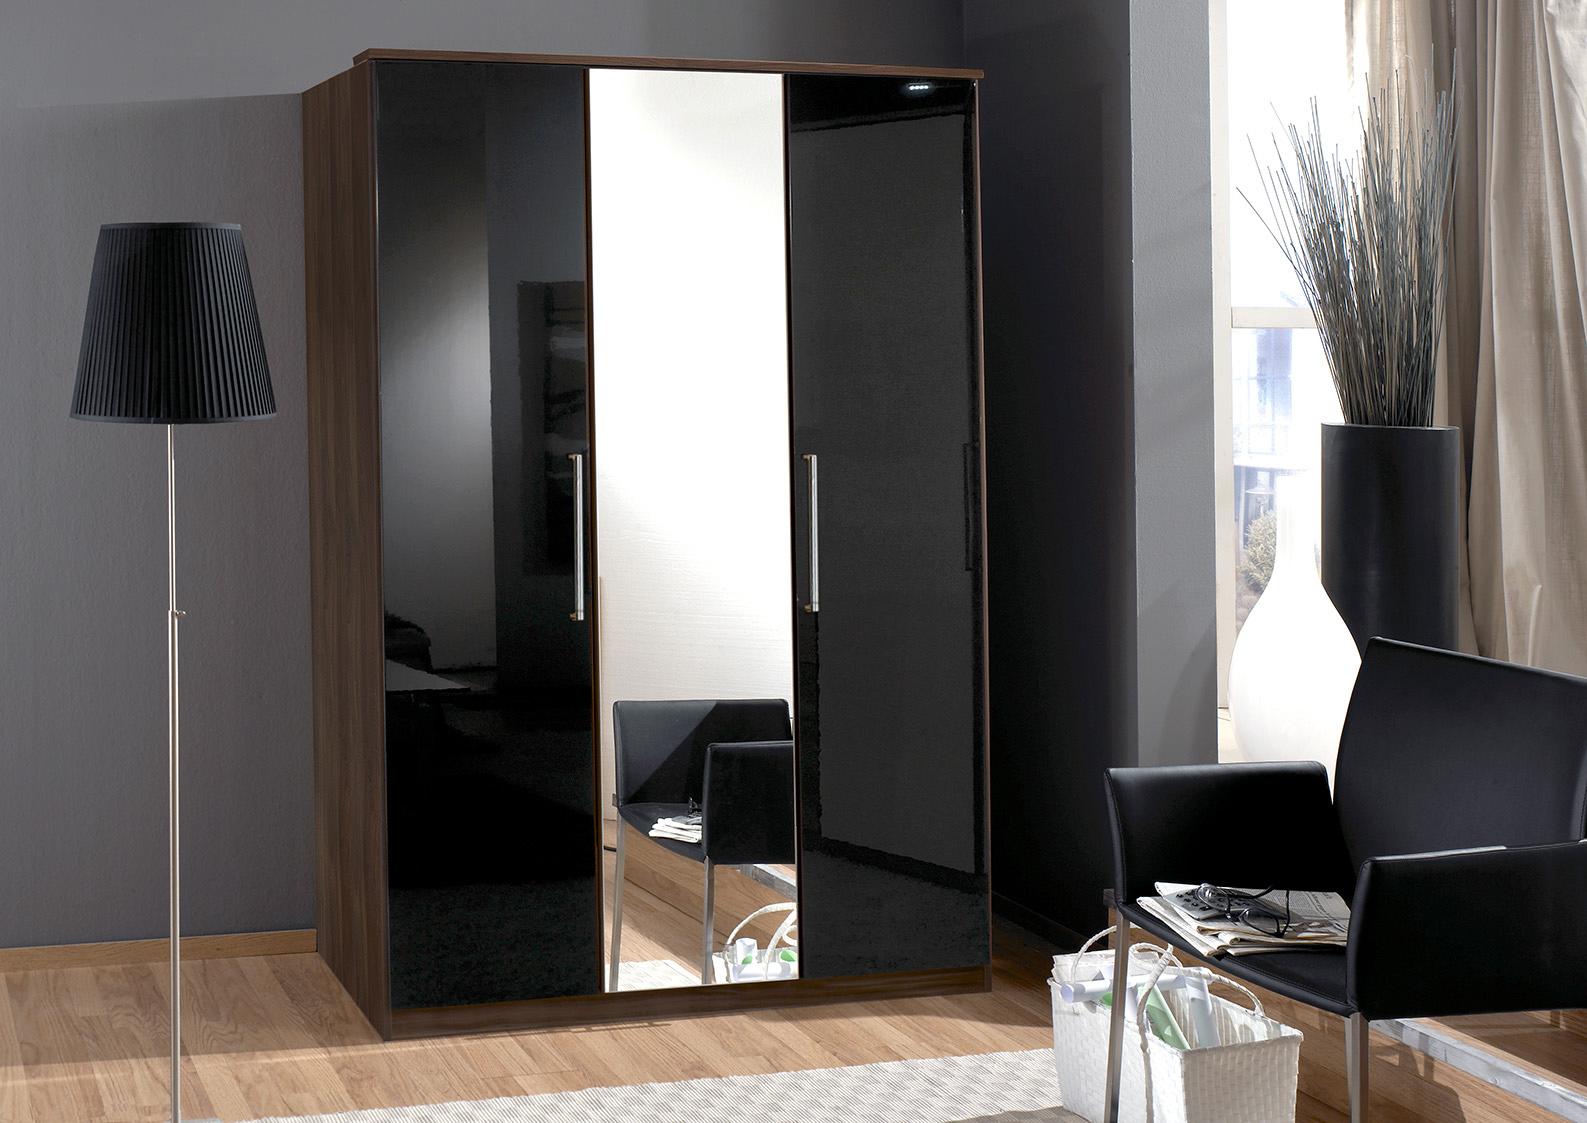 Armoire contemporaine 3 portes noyer/laqué noir Delphine